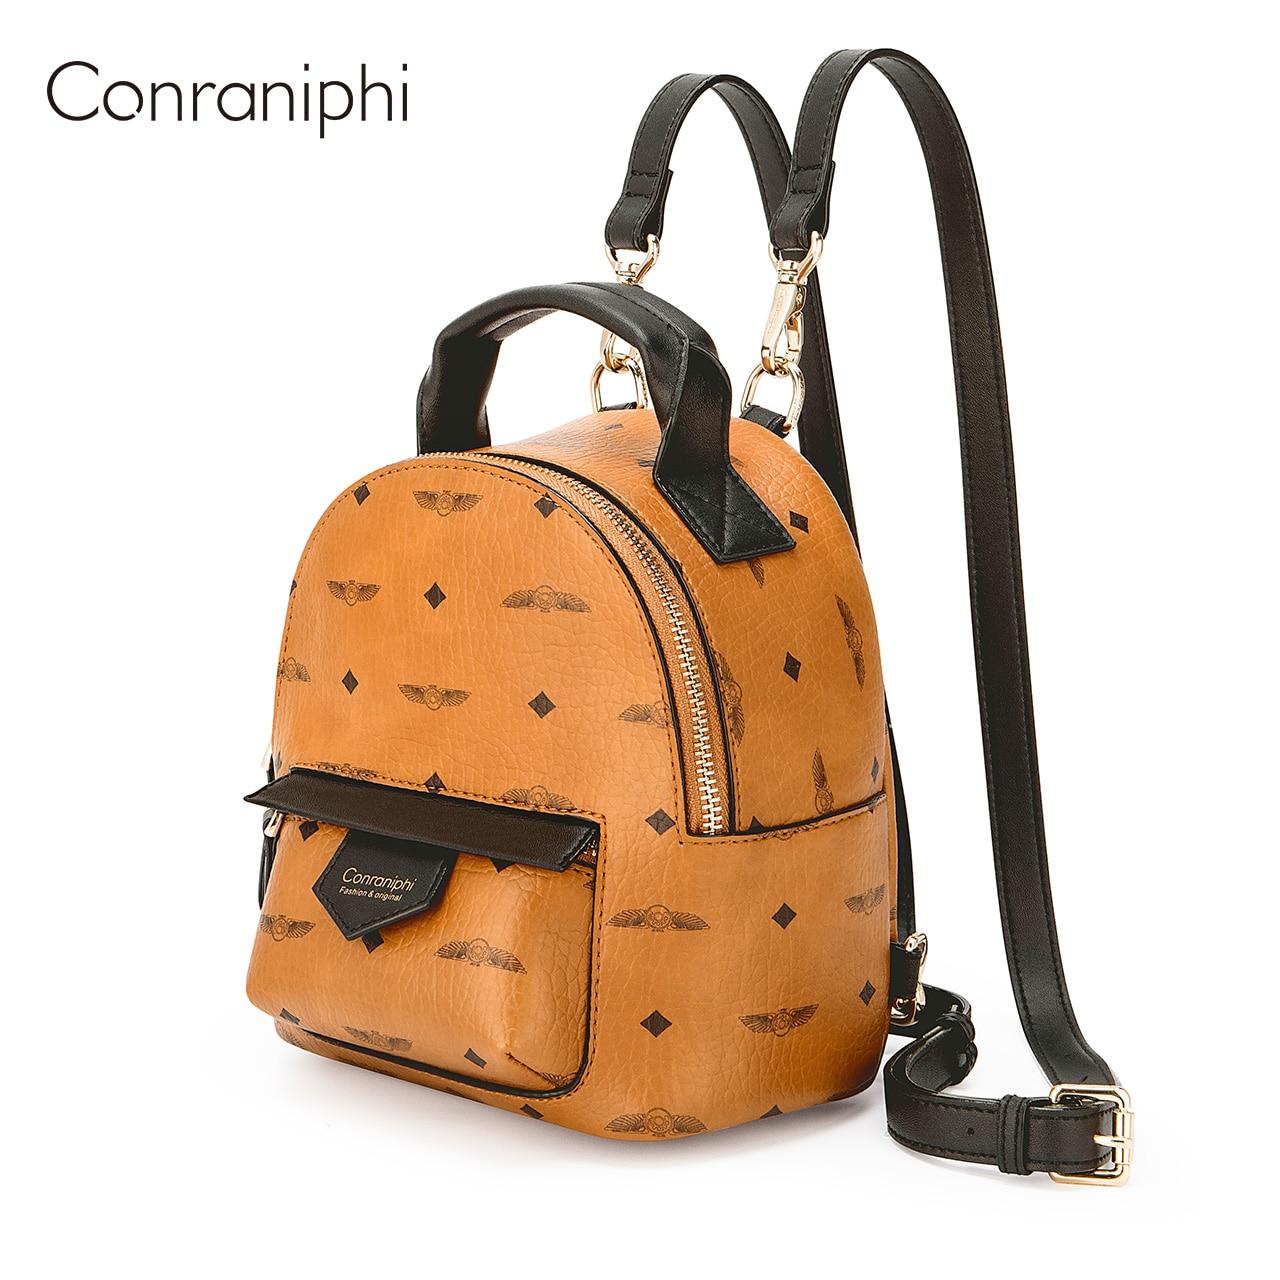 المرأة حقيبة ظهر صغيرة فاخرة بولي Leather حقيبة جلدية لطيف العلامة التجارية على ظهره حقائب مدرسية صغيرة لفتاة Mochila